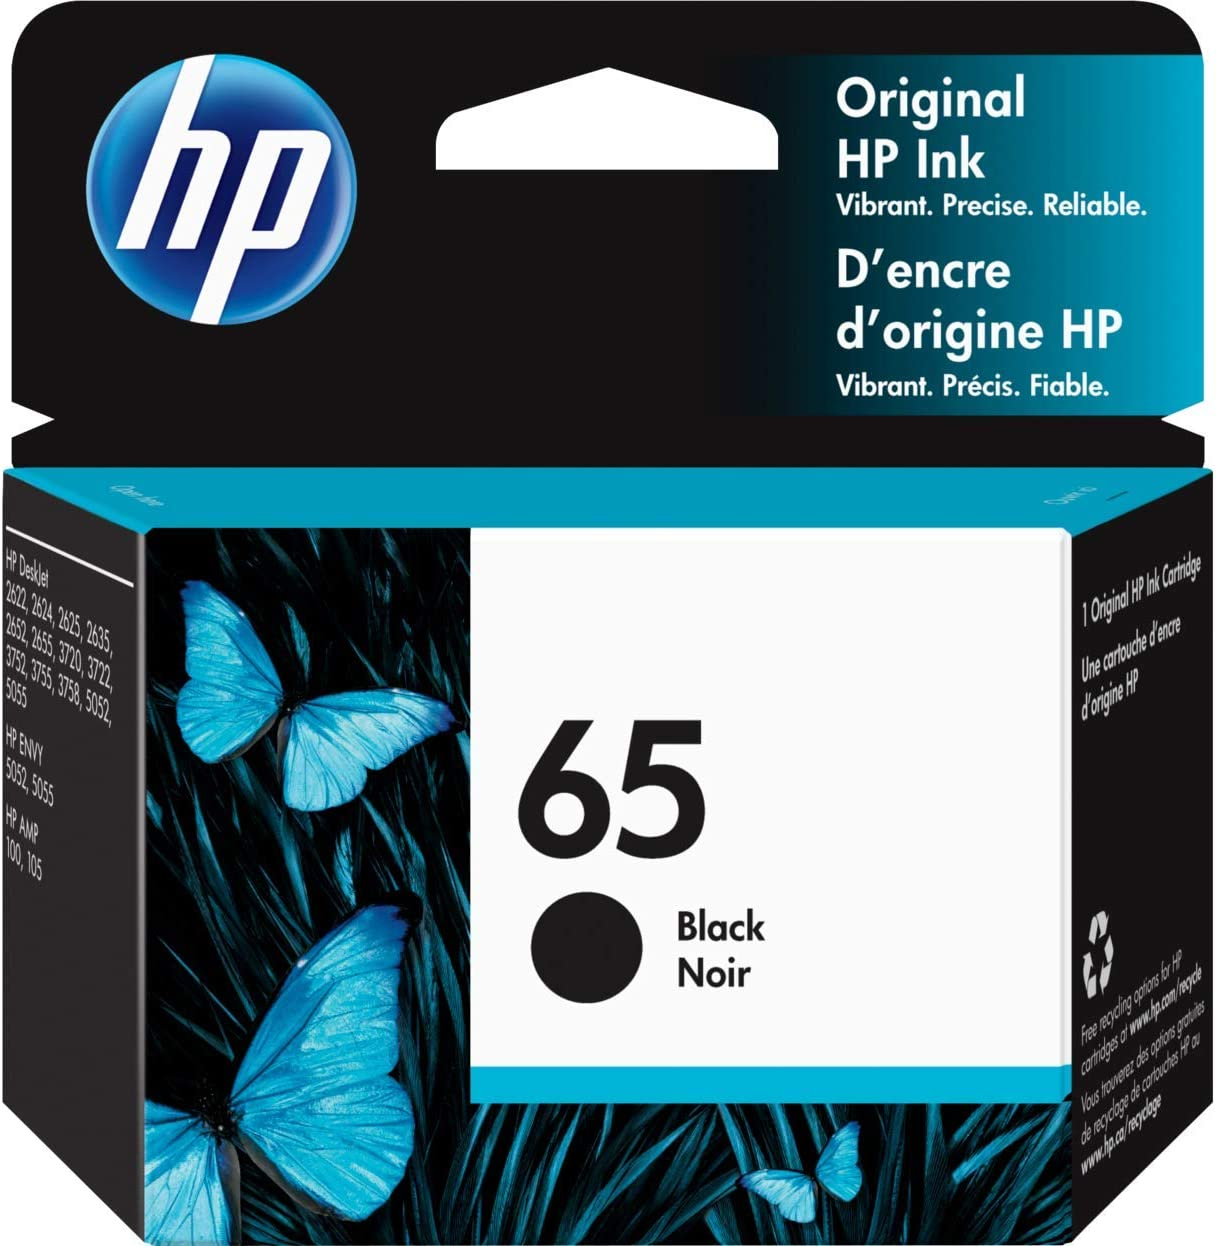 HP 65   Ink Cartridge   Black   Works with HP DeskJet 2600 Series, 3700 Series, HP ENVY 5000 Series, HP AMP 100, 120, 125, 130   N9K02AN